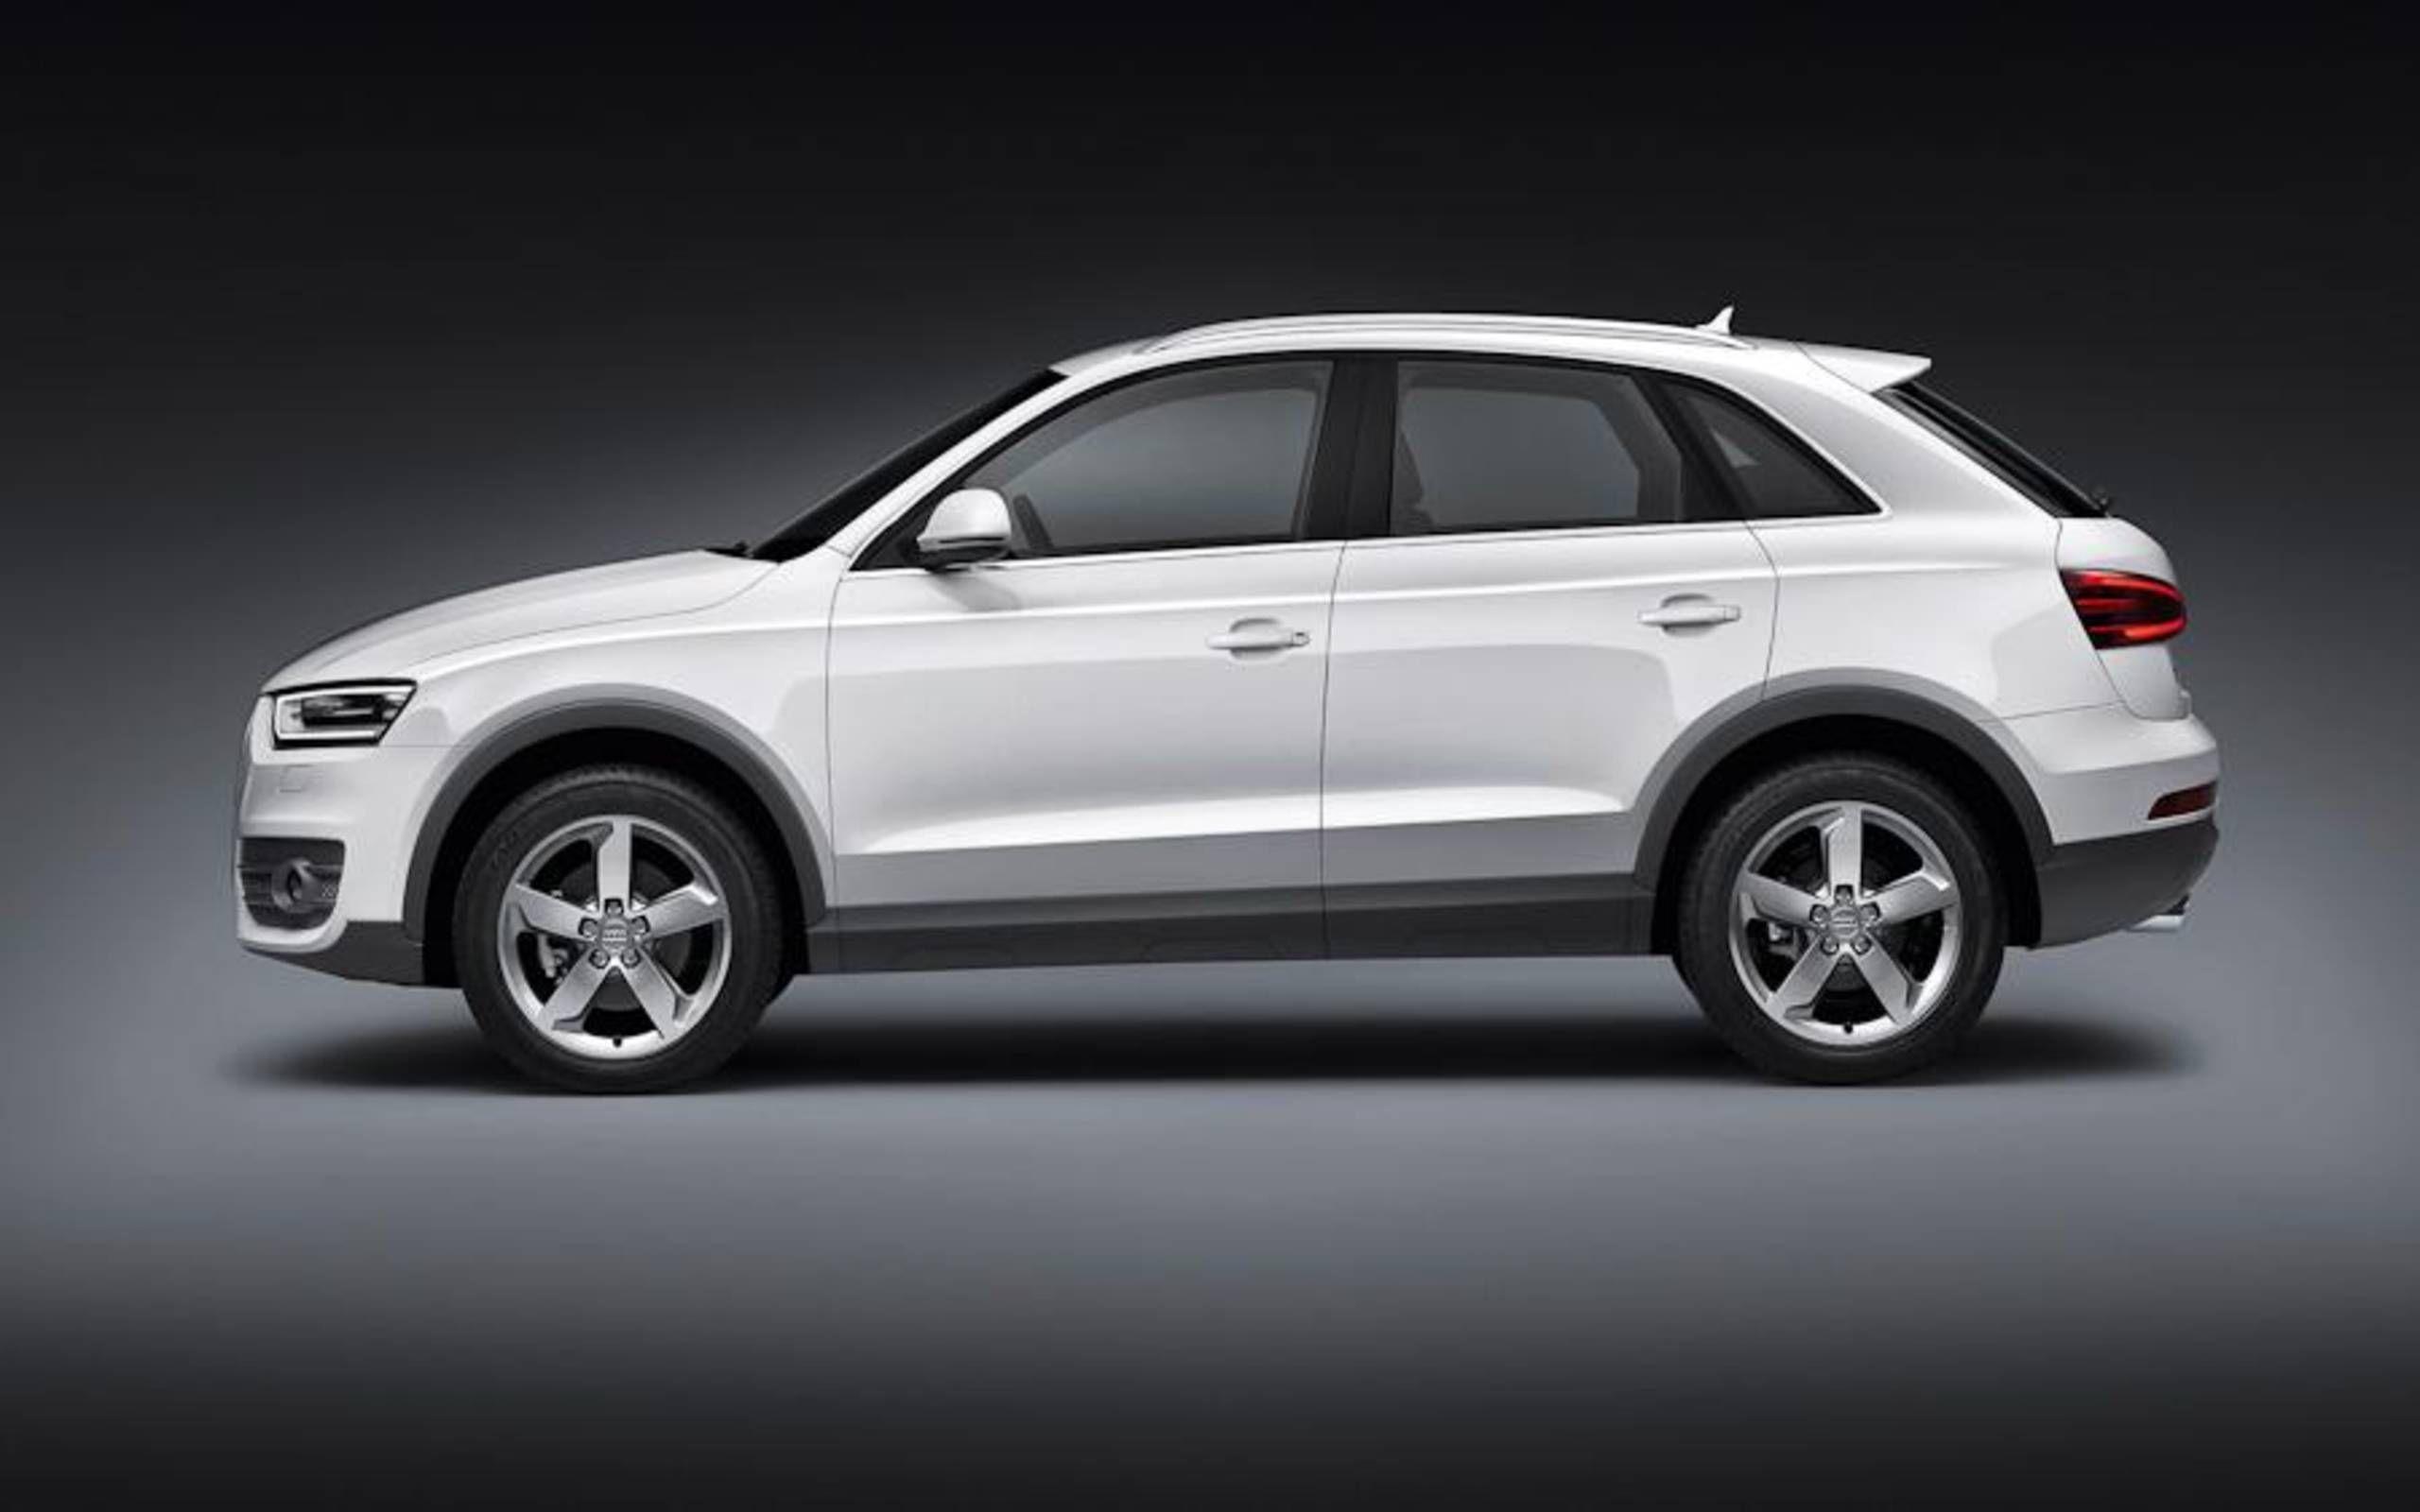 Kekurangan Audi Q3 Perbandingan Harga